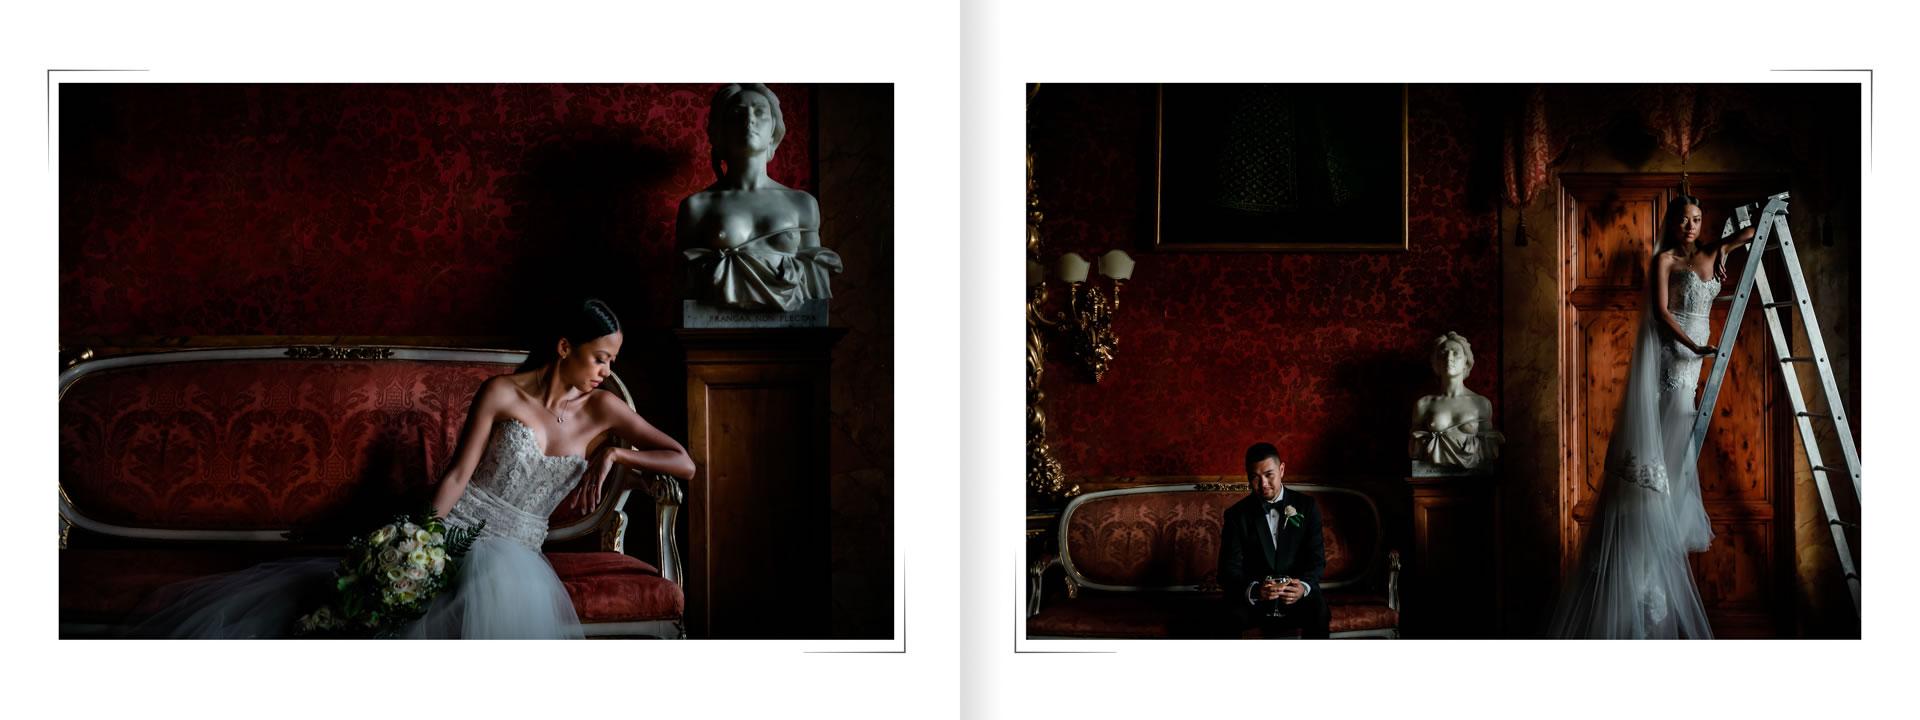 villa-di-maiano-david-bastianoni-photographer-00026 - 26 :: Wedding at Villa di Maiano :: Luxury wedding photography - 25 :: villa-di-maiano-david-bastianoni-photographer-00026 - 26